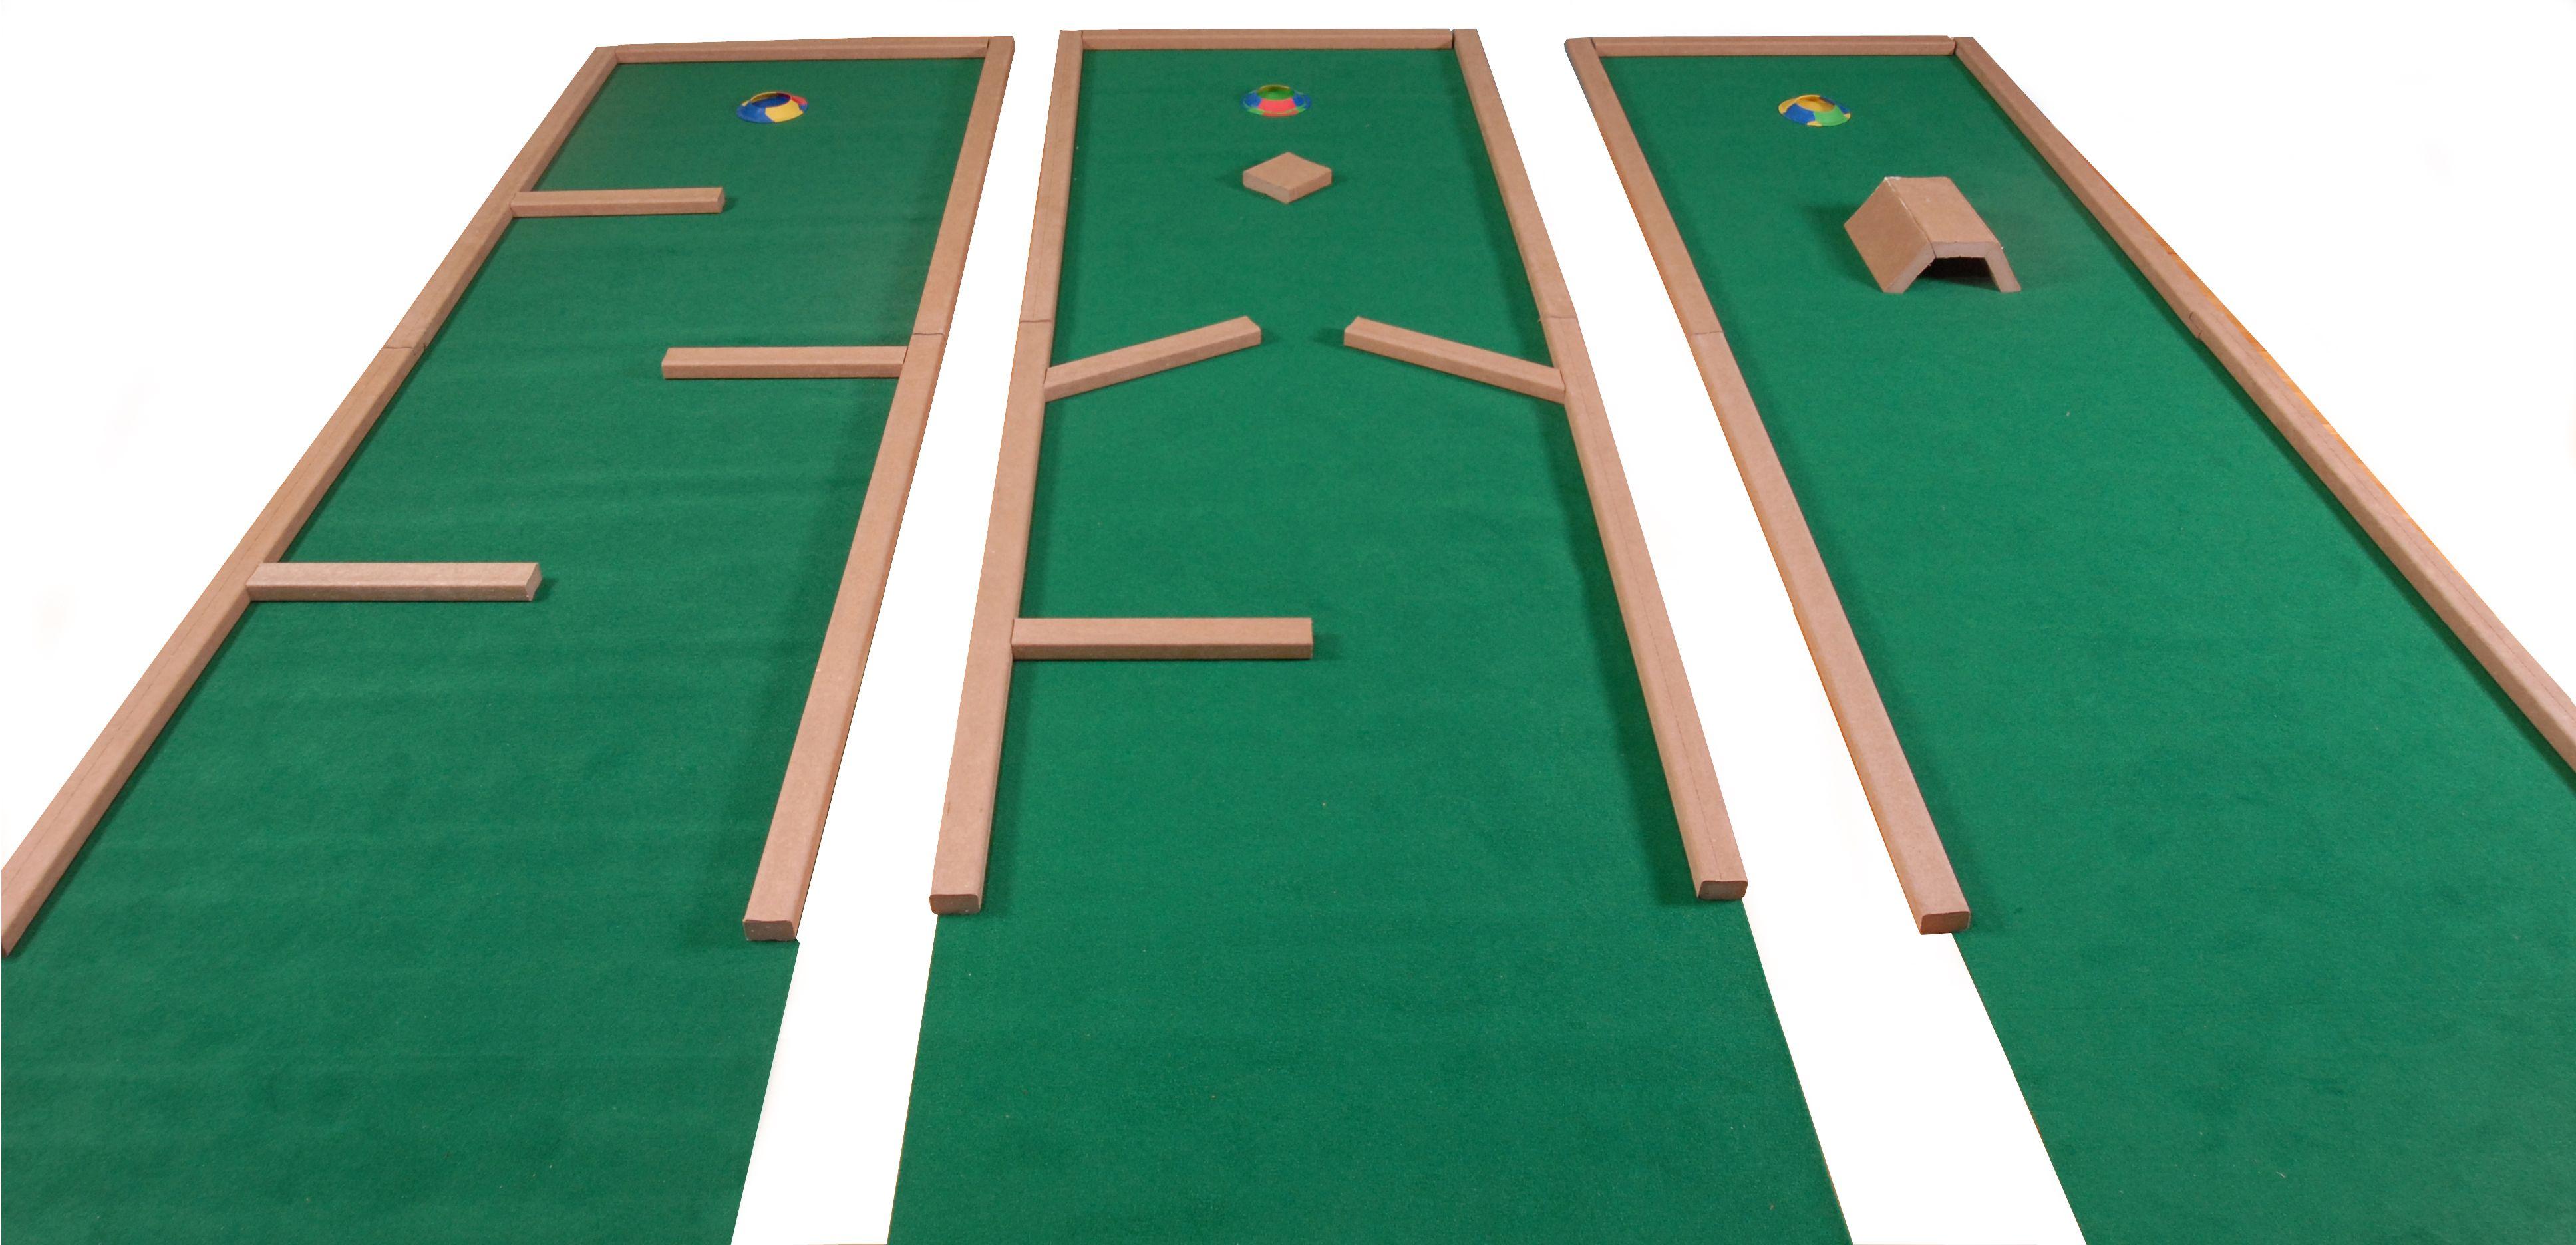 Par Putt Miniature Golf 9 Hole Set Striker Sports Putt Putt Golf Miniature Golf Outdoor Parties